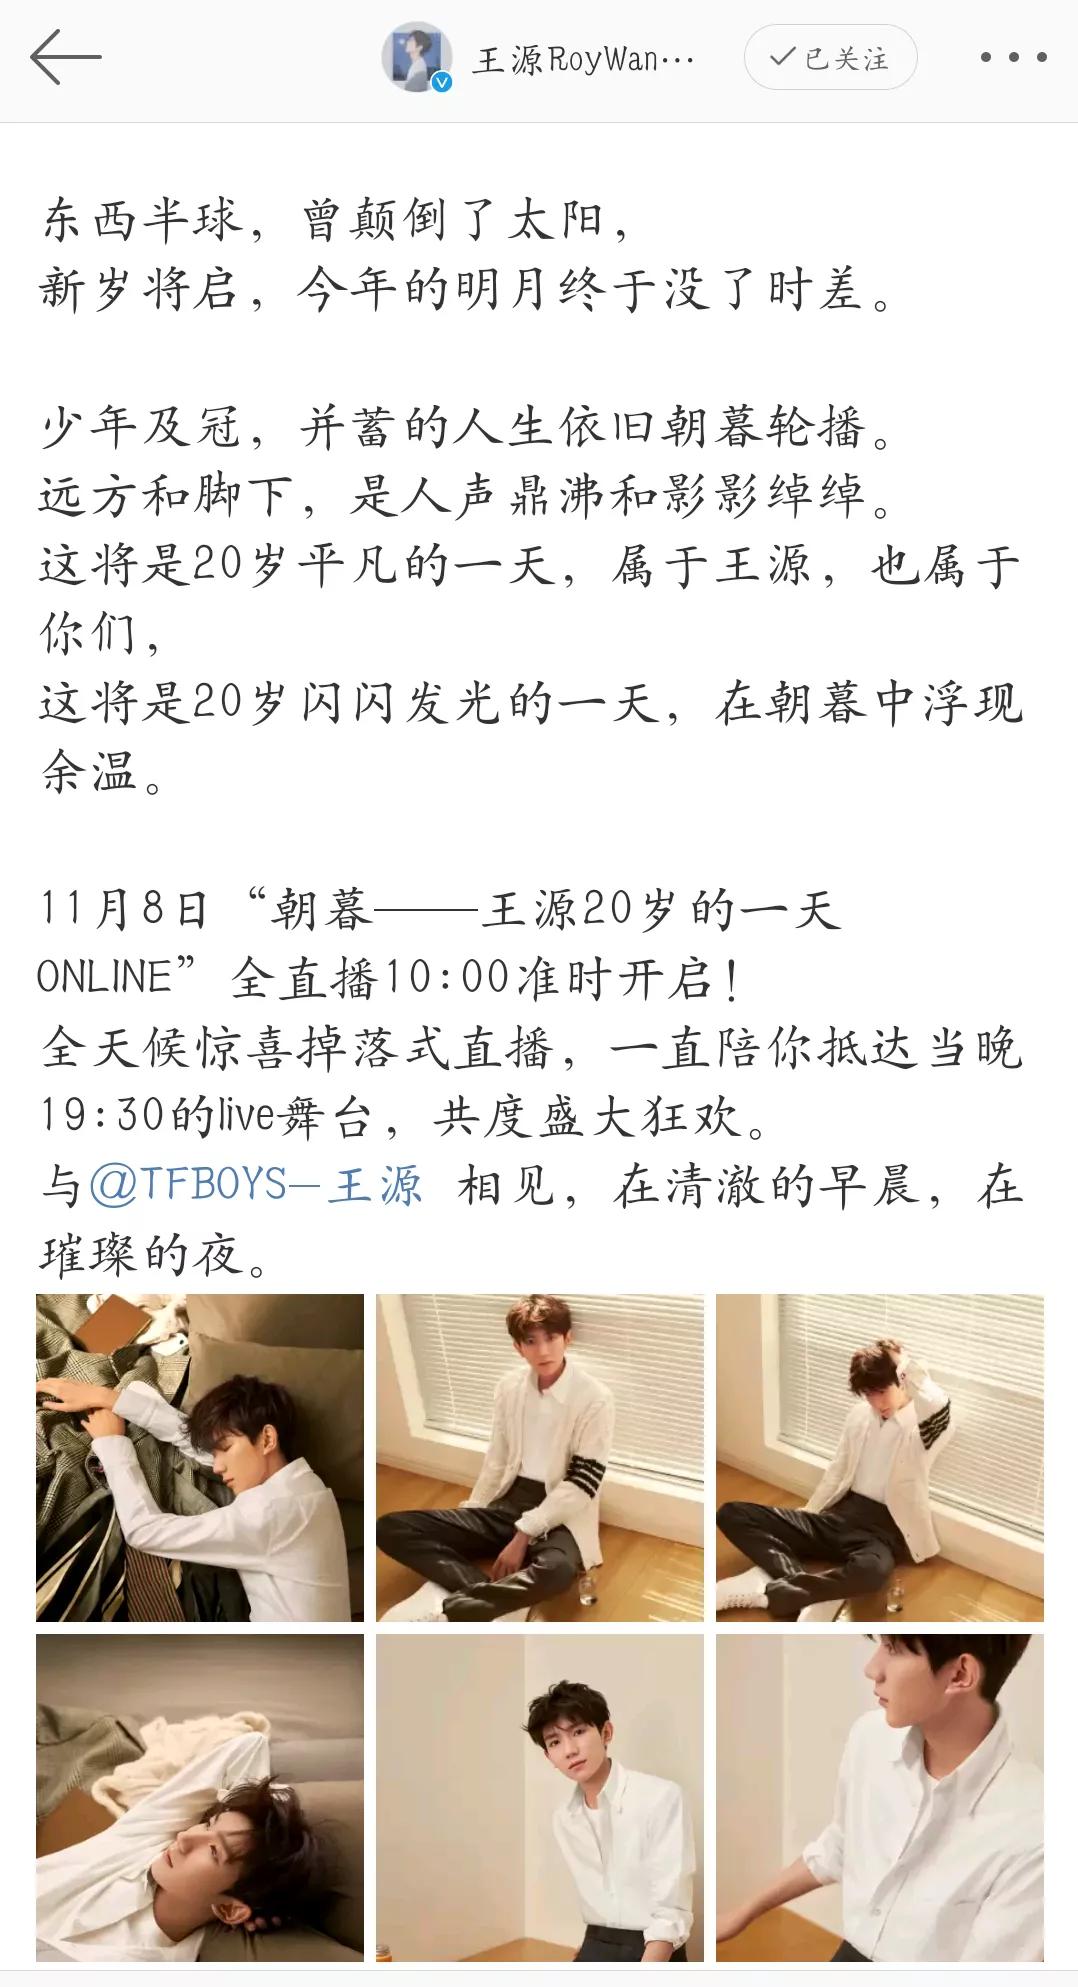 王源生日会舞台要来了十三个小时的掉落直播,已有200万人预约